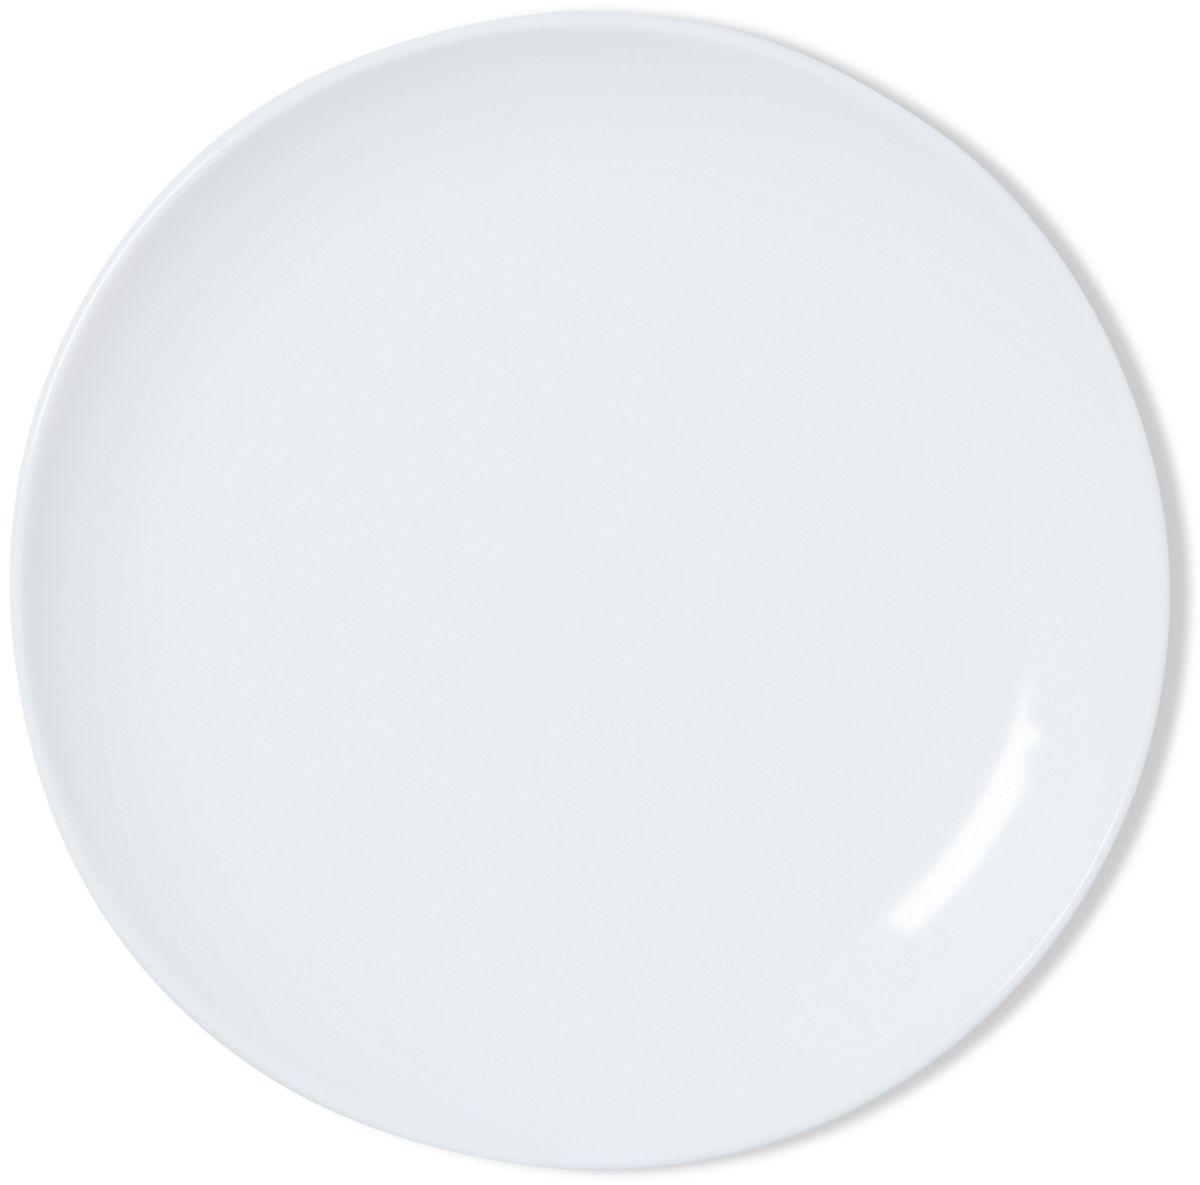 Тарелка мелкая Dosh l Home Adara, 25 см400204Элегантная тарелка Dosh l Home Adara для стильной сервировки блюд и закусок. Изготовлена из высококачественного силикона белоснежного цвета. Силикон не впитывает запах и вкус продуктов, устойчив к царапинам. Подходит для микроволновой печи, холодильника. Можно мыть в посудомоечной машине. Мыть обычными моющими средствами, не использовать агрессивные вещества, металлические мочалки, острые предметы.